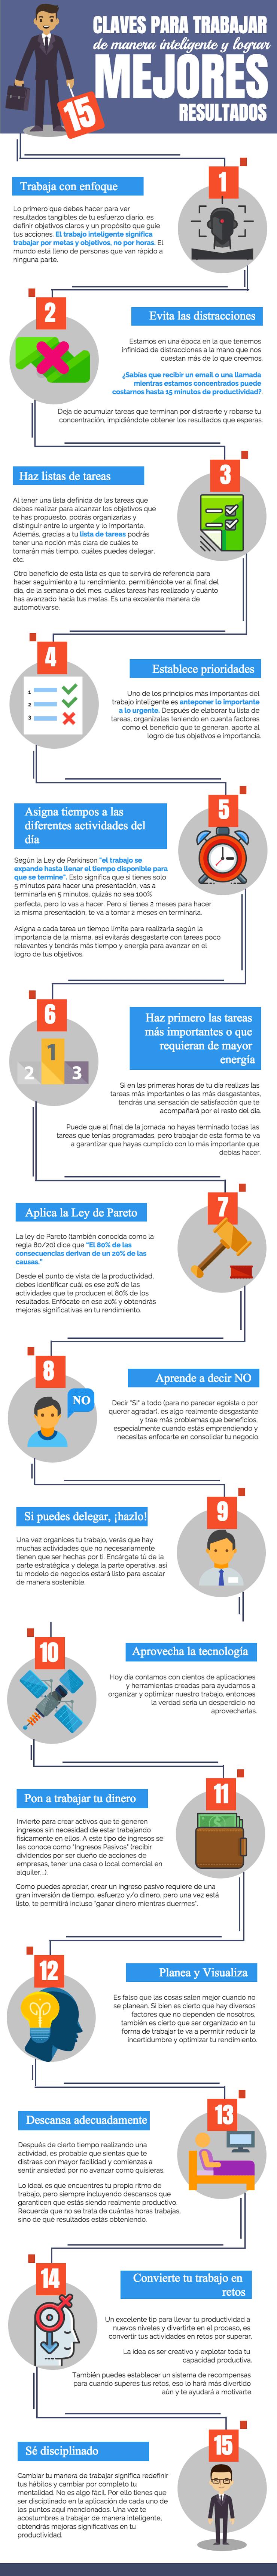 Trabaja inteligentemente y mejora tus resultados #infografia #infographic #rrhh